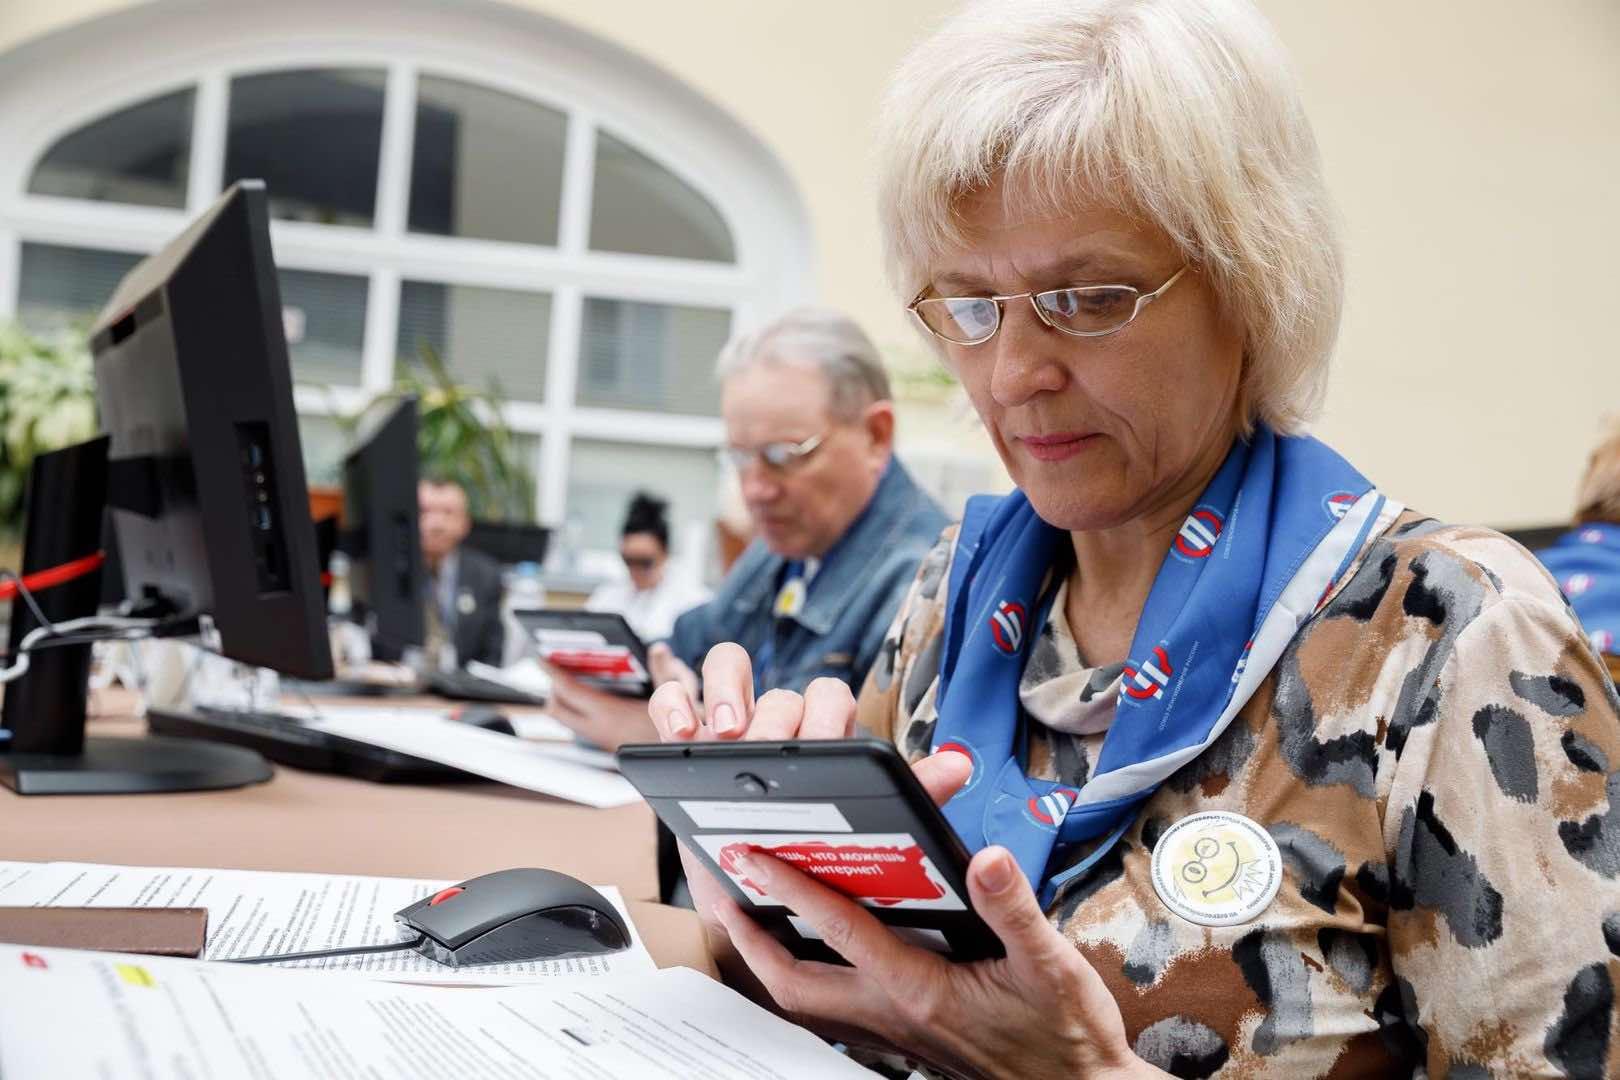 В России могут упростить досрочный выход на пенсию: подробности новой инициативы